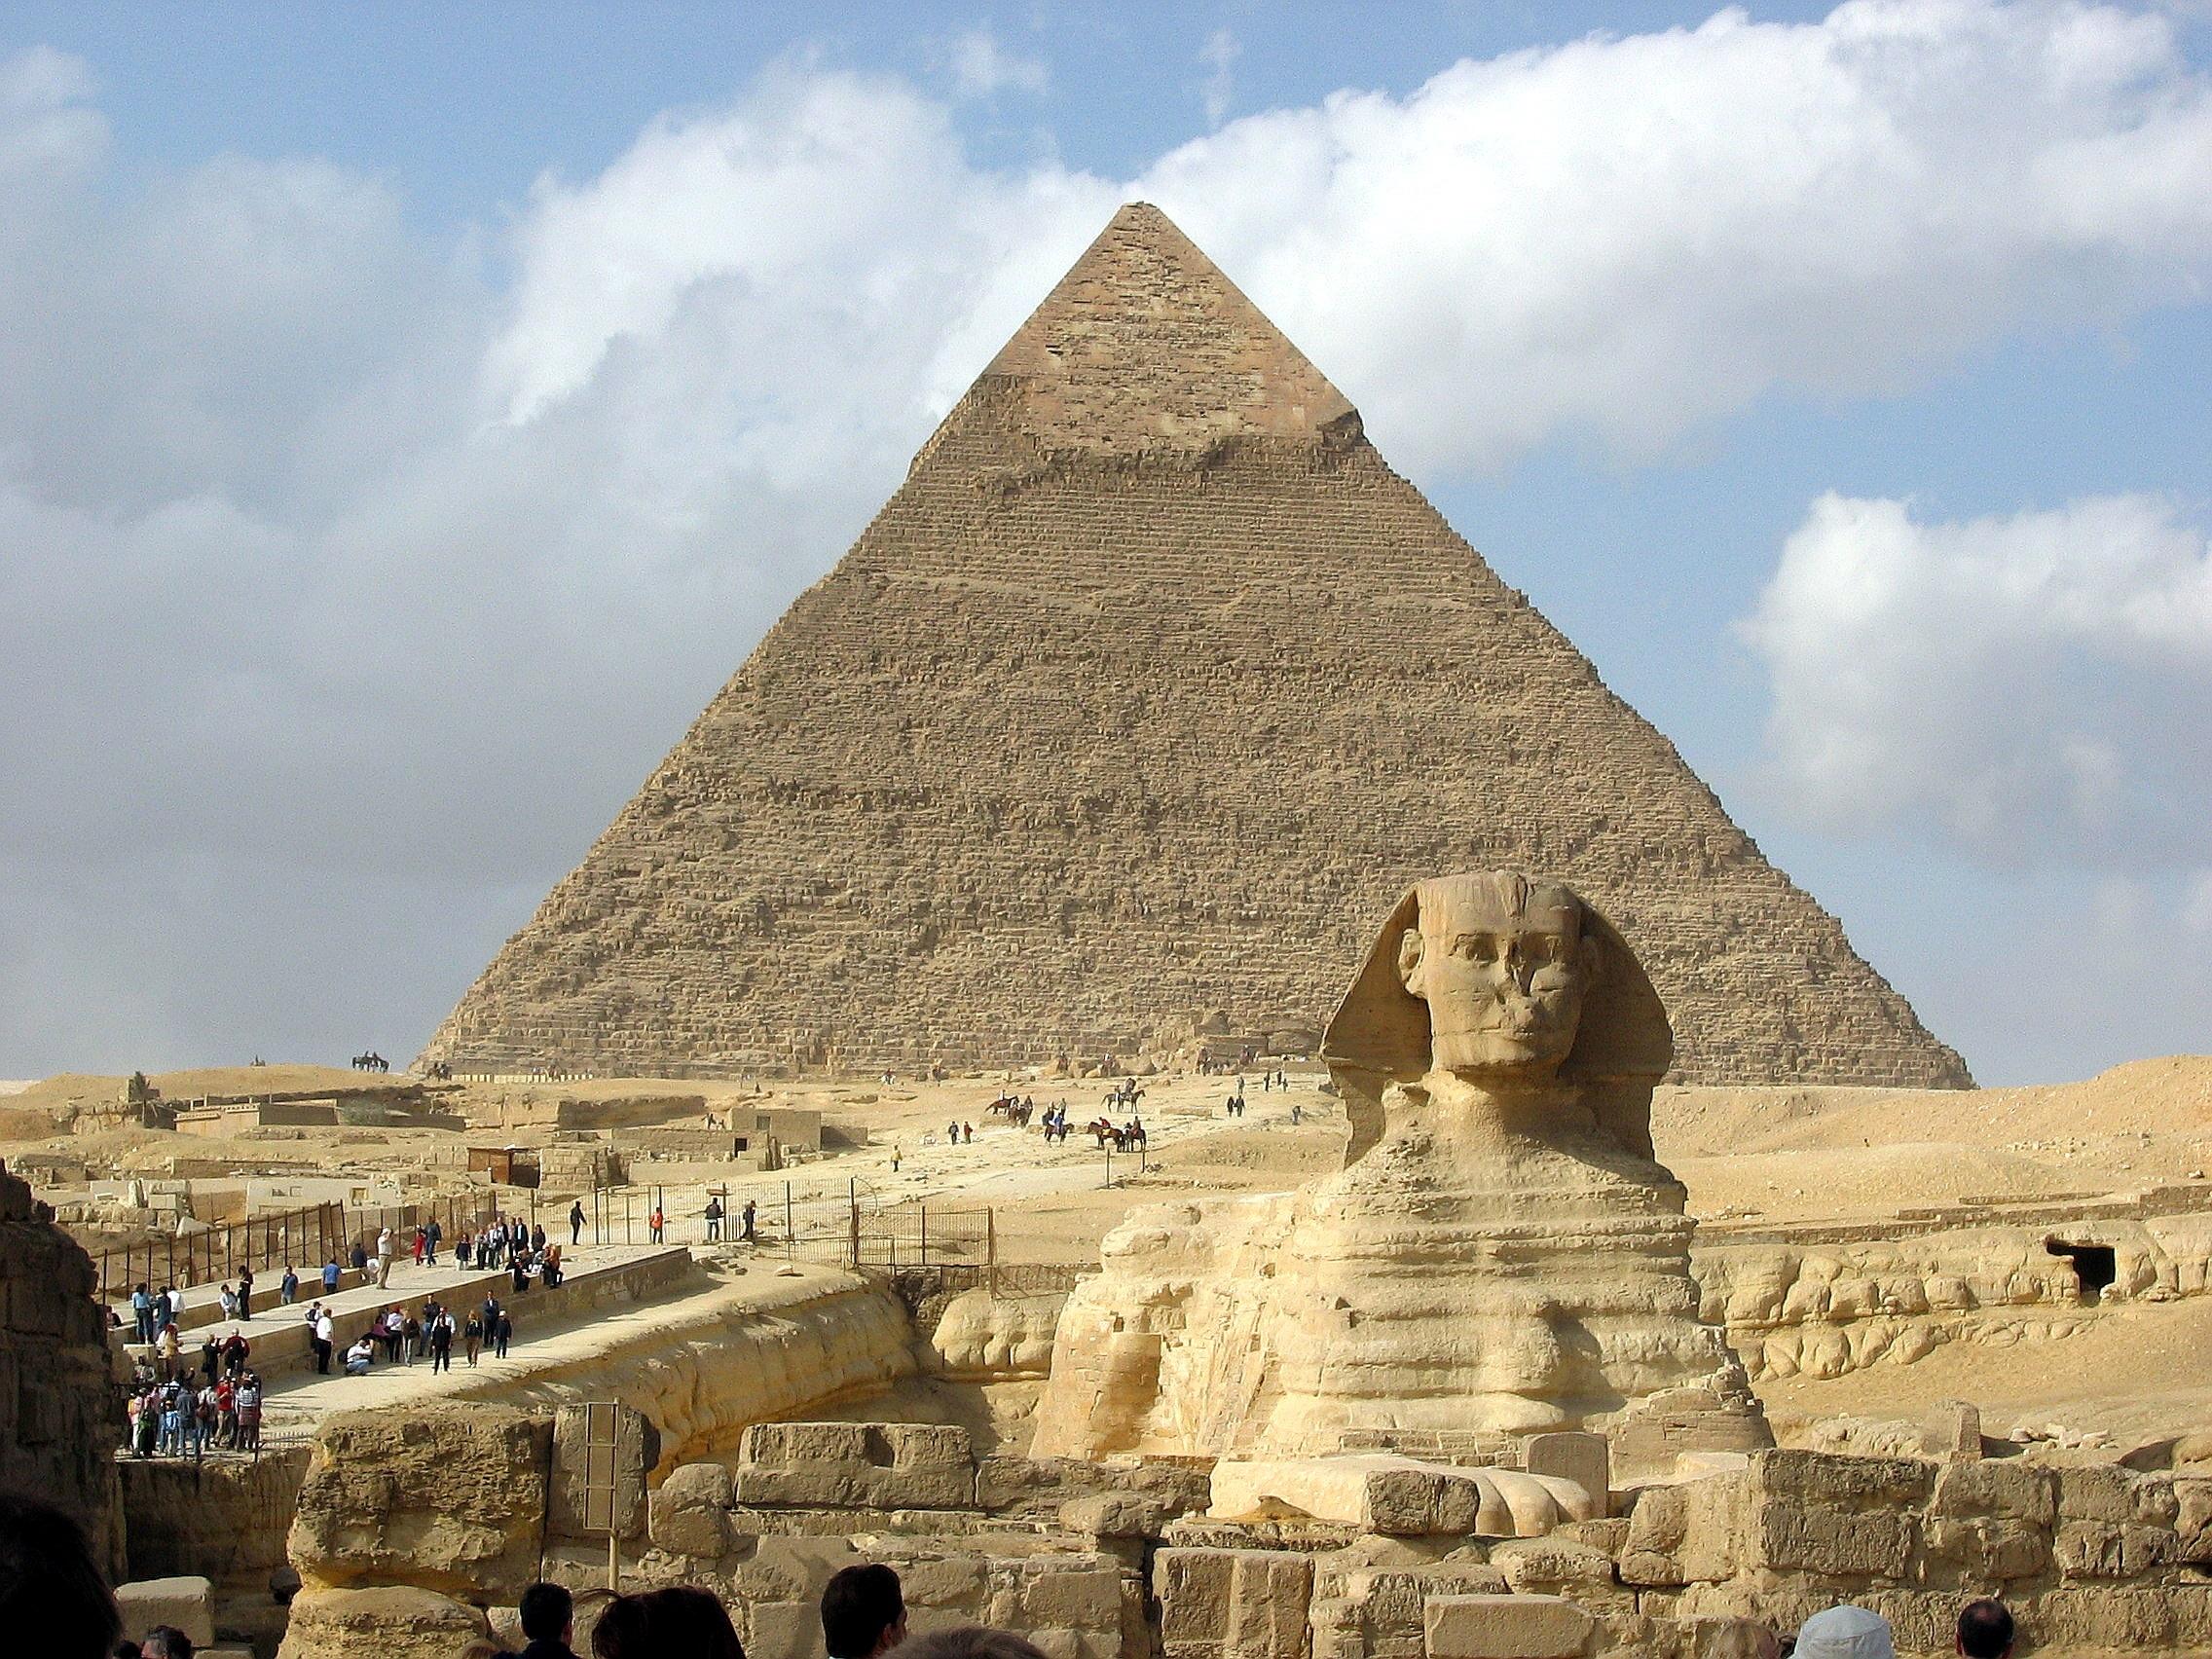 卡夫拉金字塔及獅身人面像